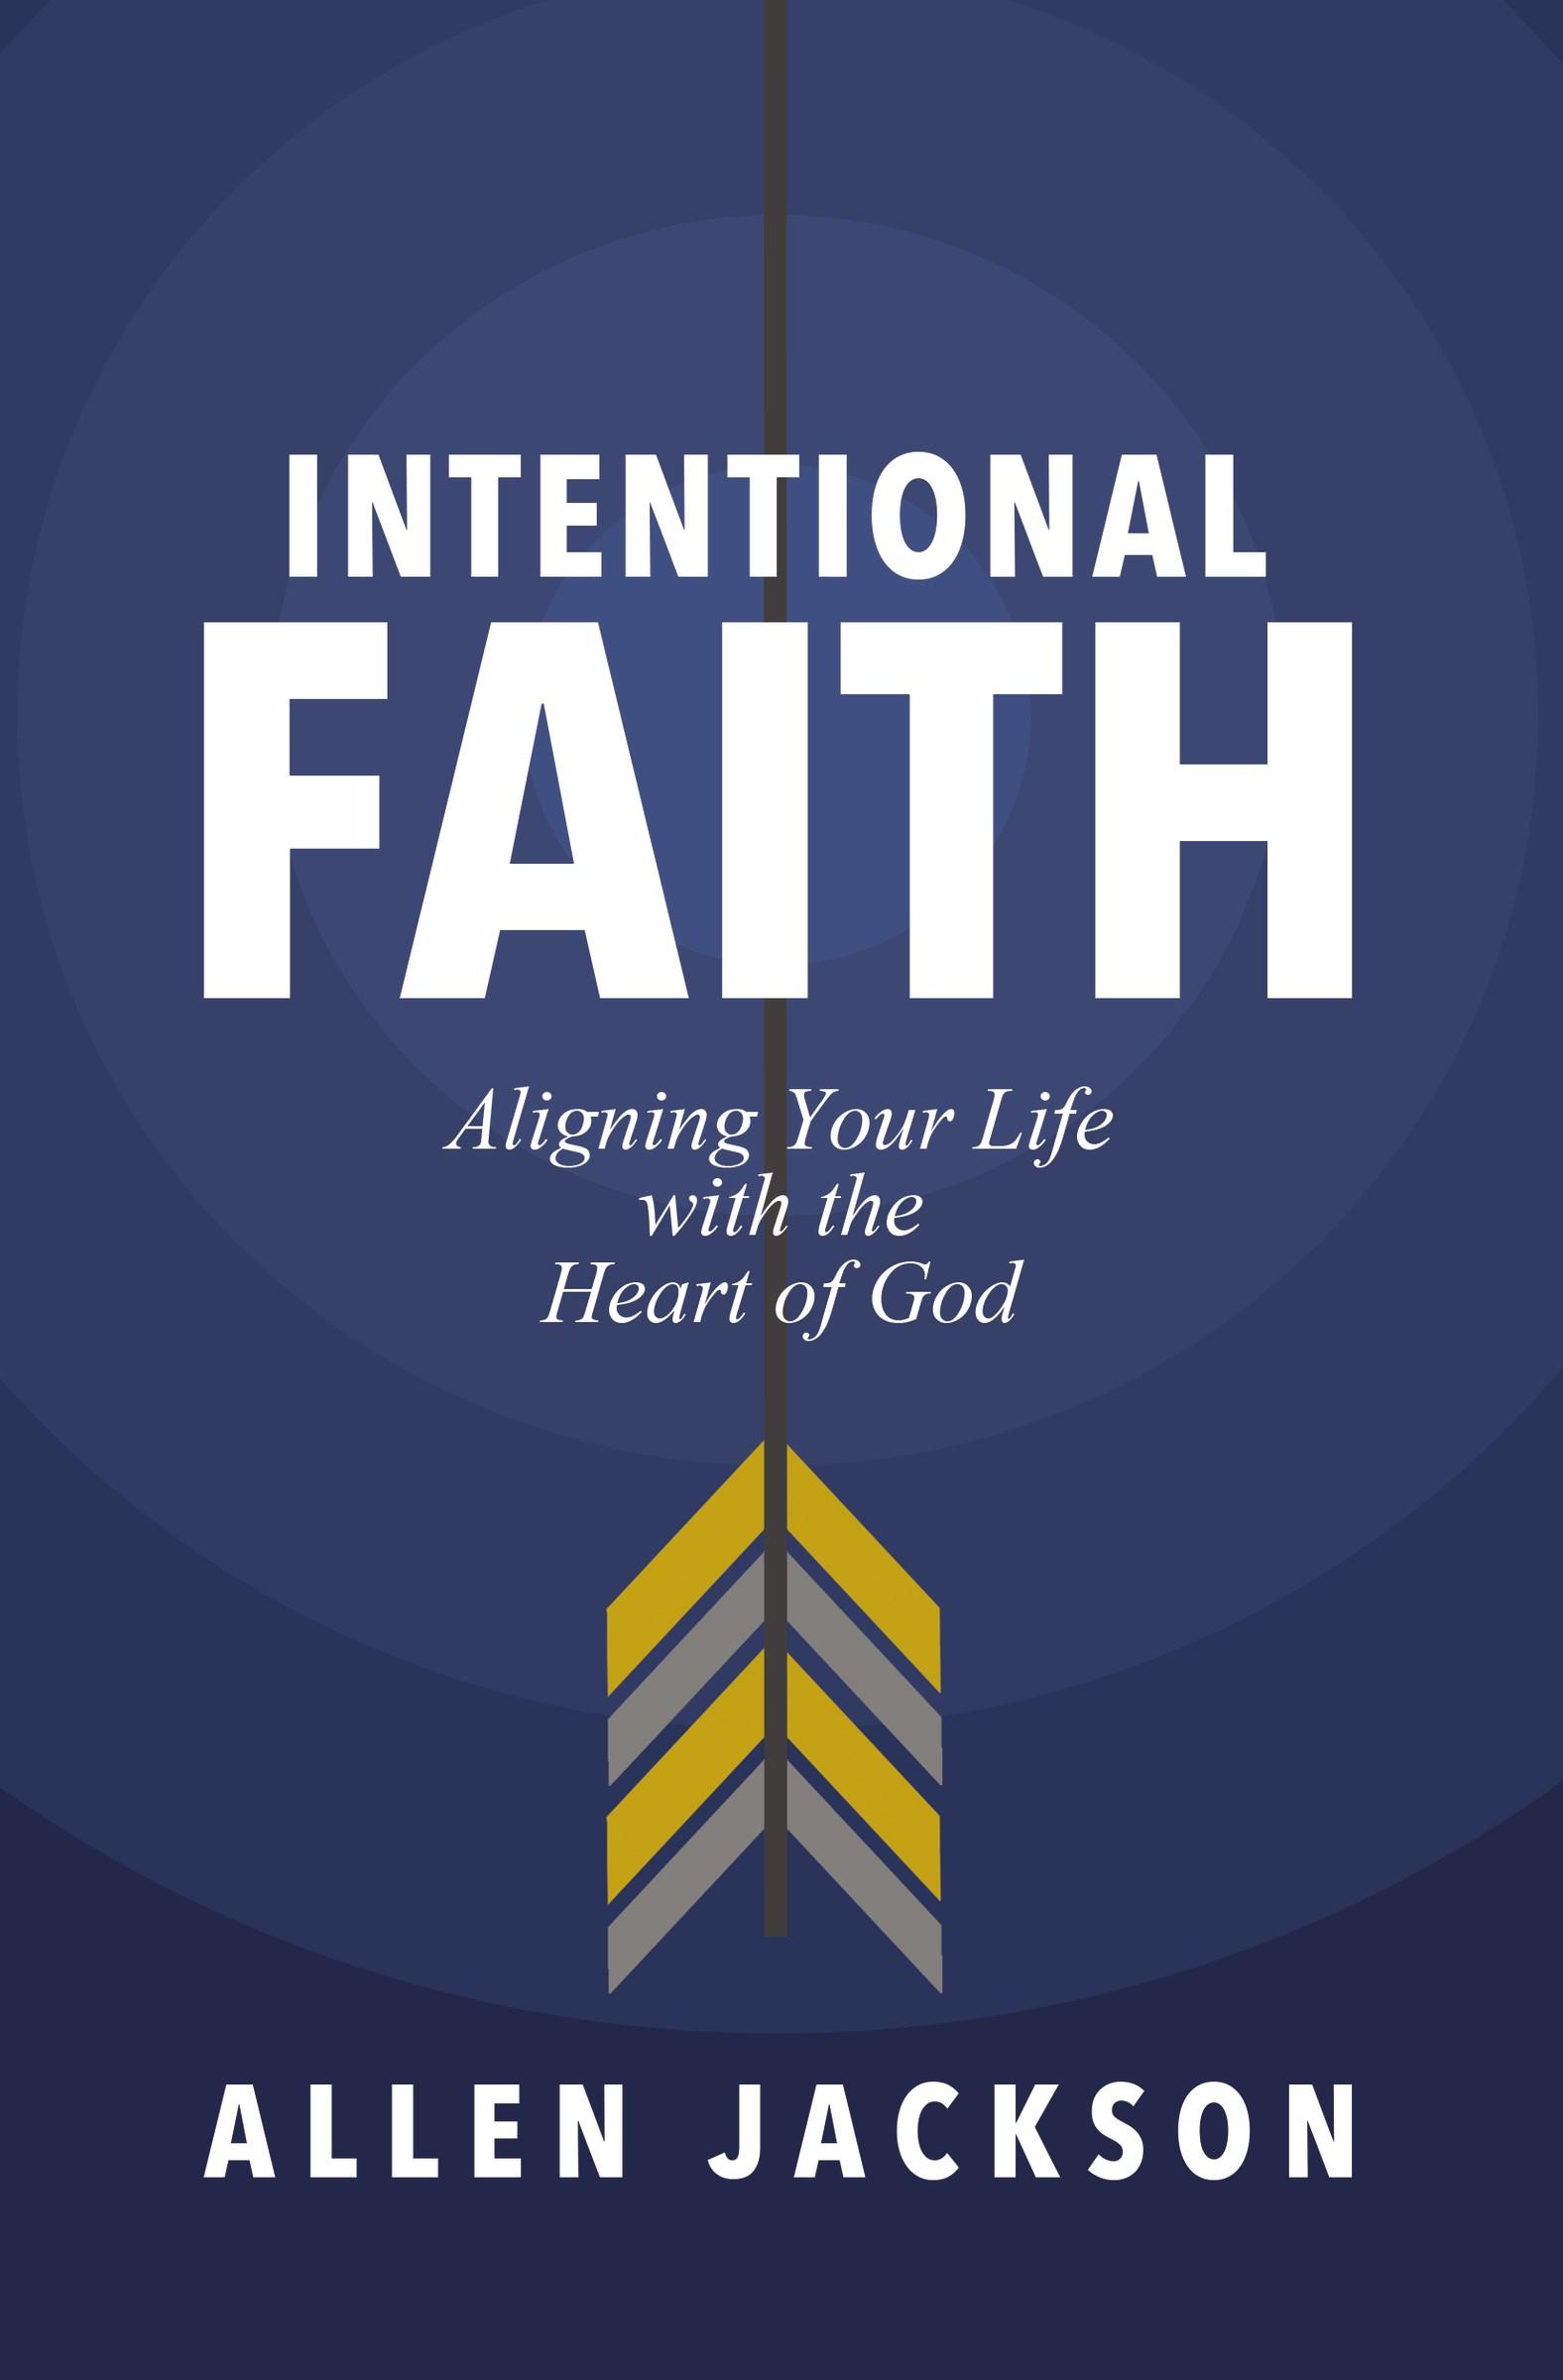 An Intentional Faith